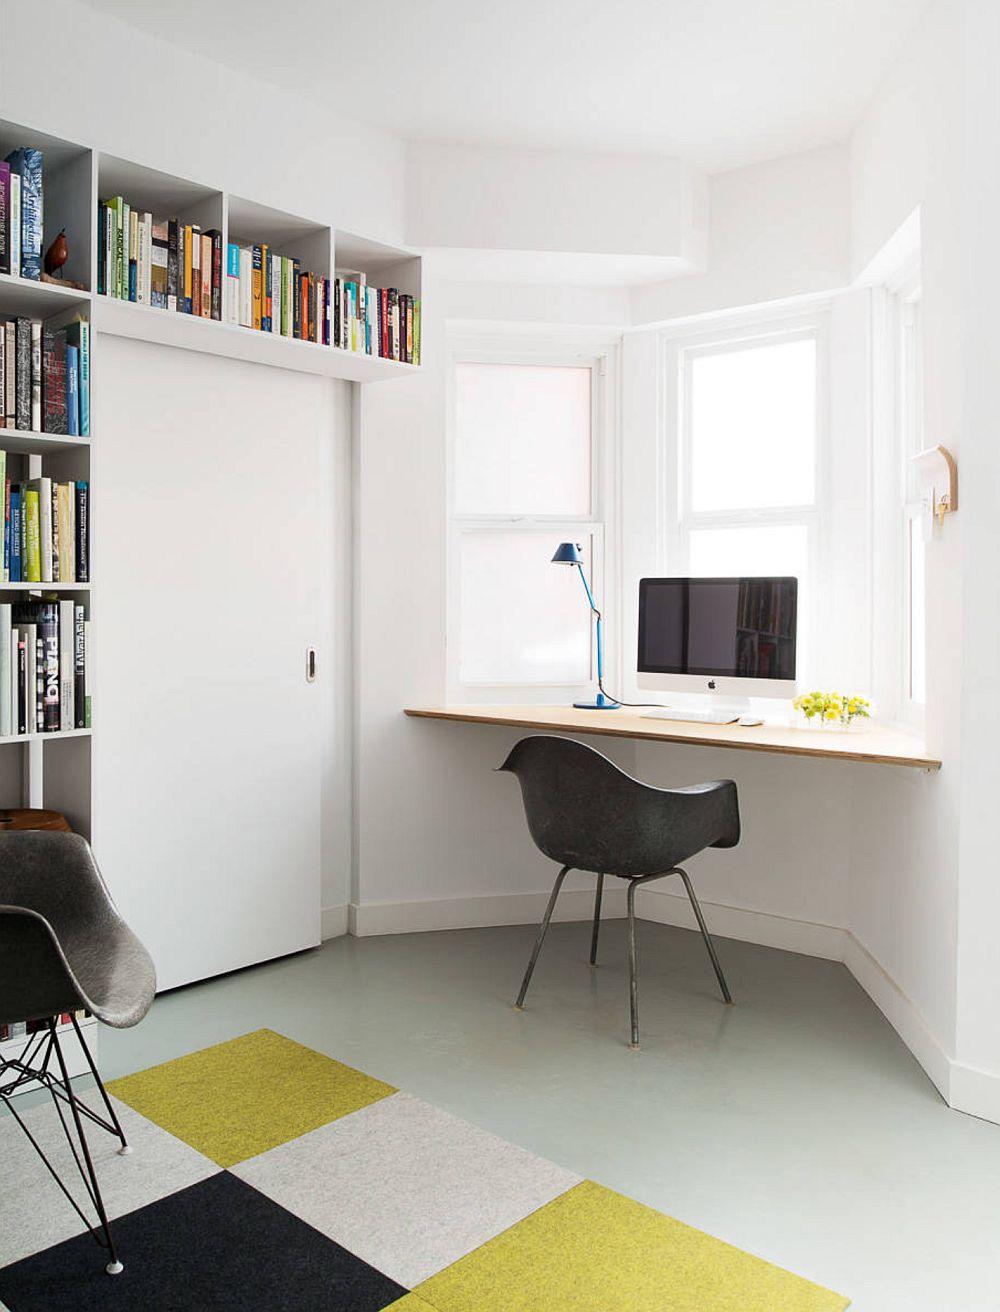 În spațiile mici suprafața continuă a stratului de vopsea, care poate fi mat sau lucios, dă impresia de spațiu mai mare.